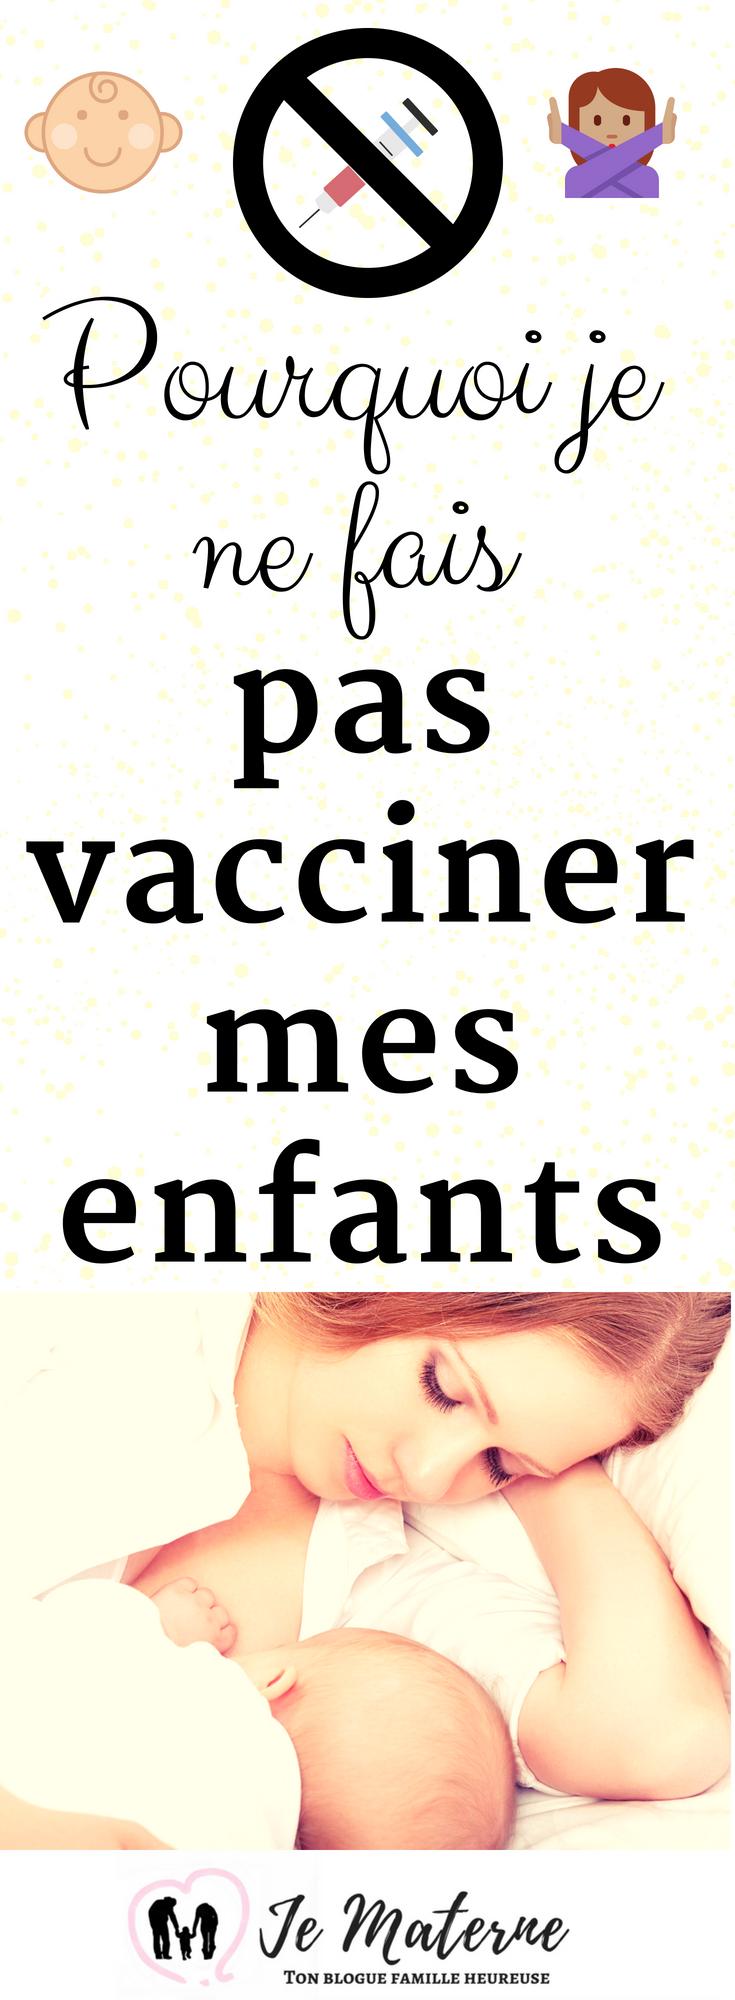 À LIRE ABSOLUMENT! Pourquoi je ne fais pas vacciner mes enfants - Lis tout cet article important sur http://jematerne.com/2017/04/12/vaccination-dangers-vaccins-pourquoi-je-ne-fais-pas-vacciner-mes-enfants #vaccination #immunisation #bébé #enfant #famille